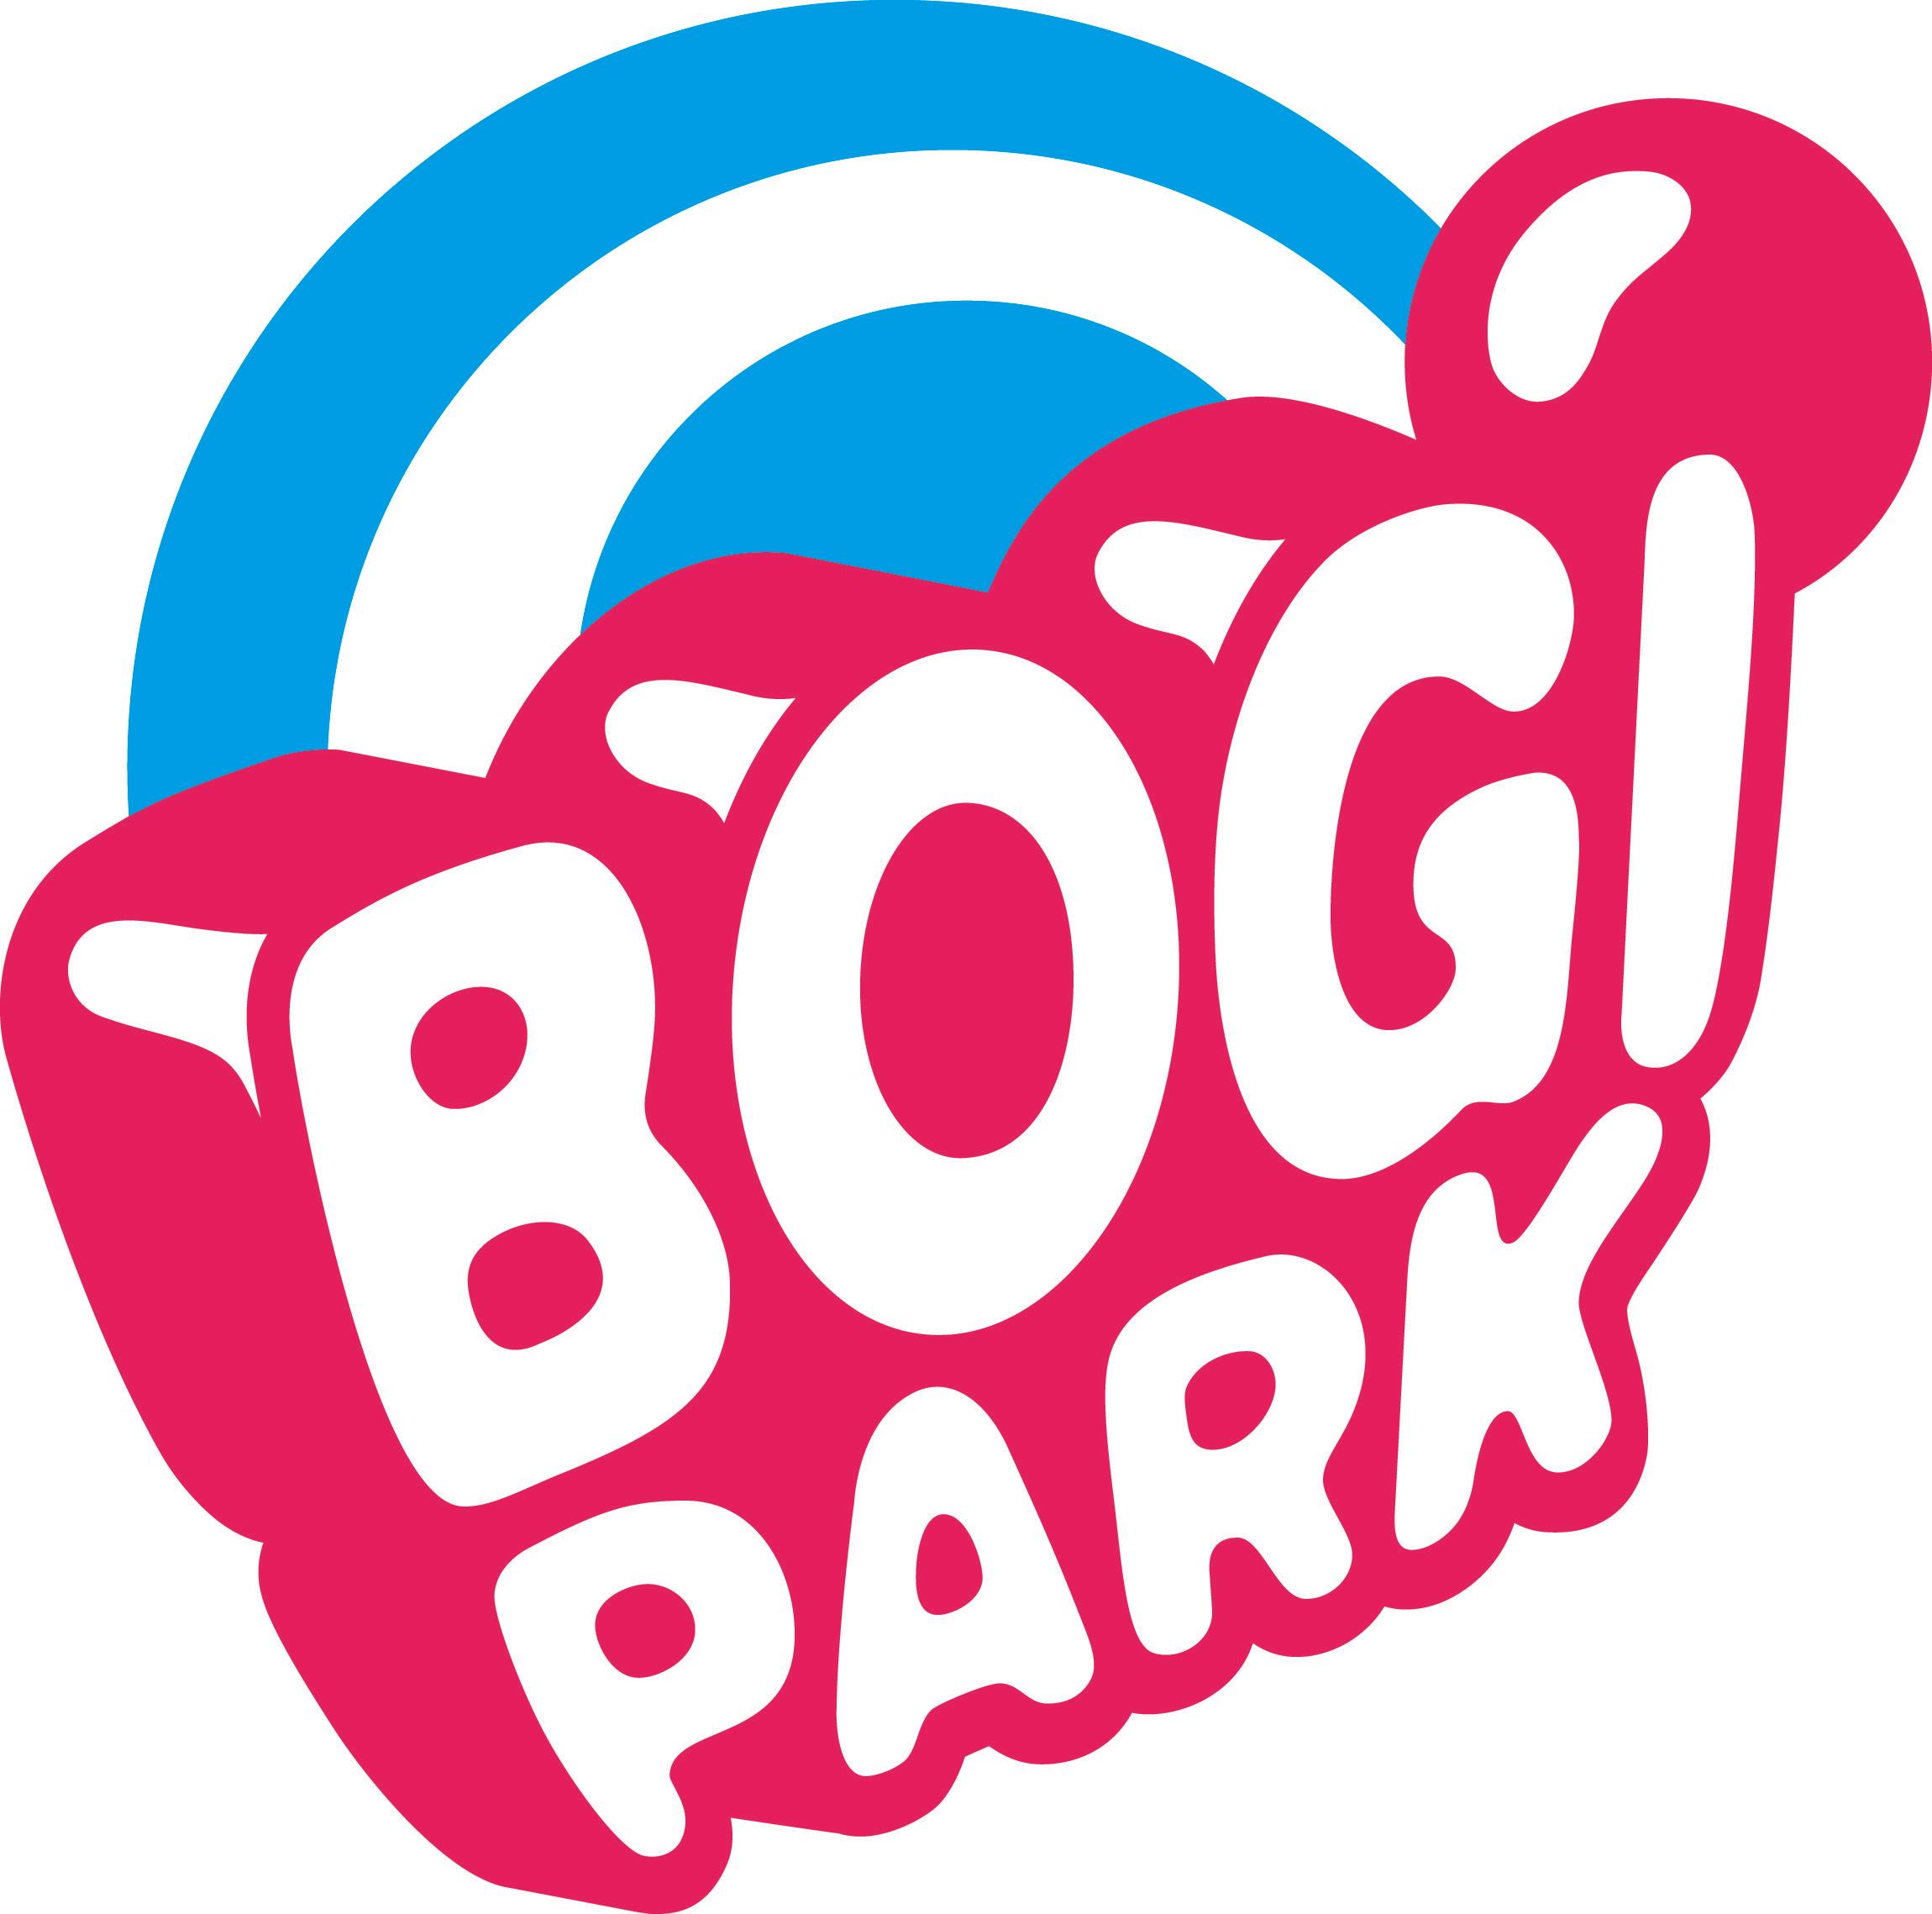 Bogi Park Wien - Kinderparty/-geburtstag oder Preisjäger-Treffen ^^